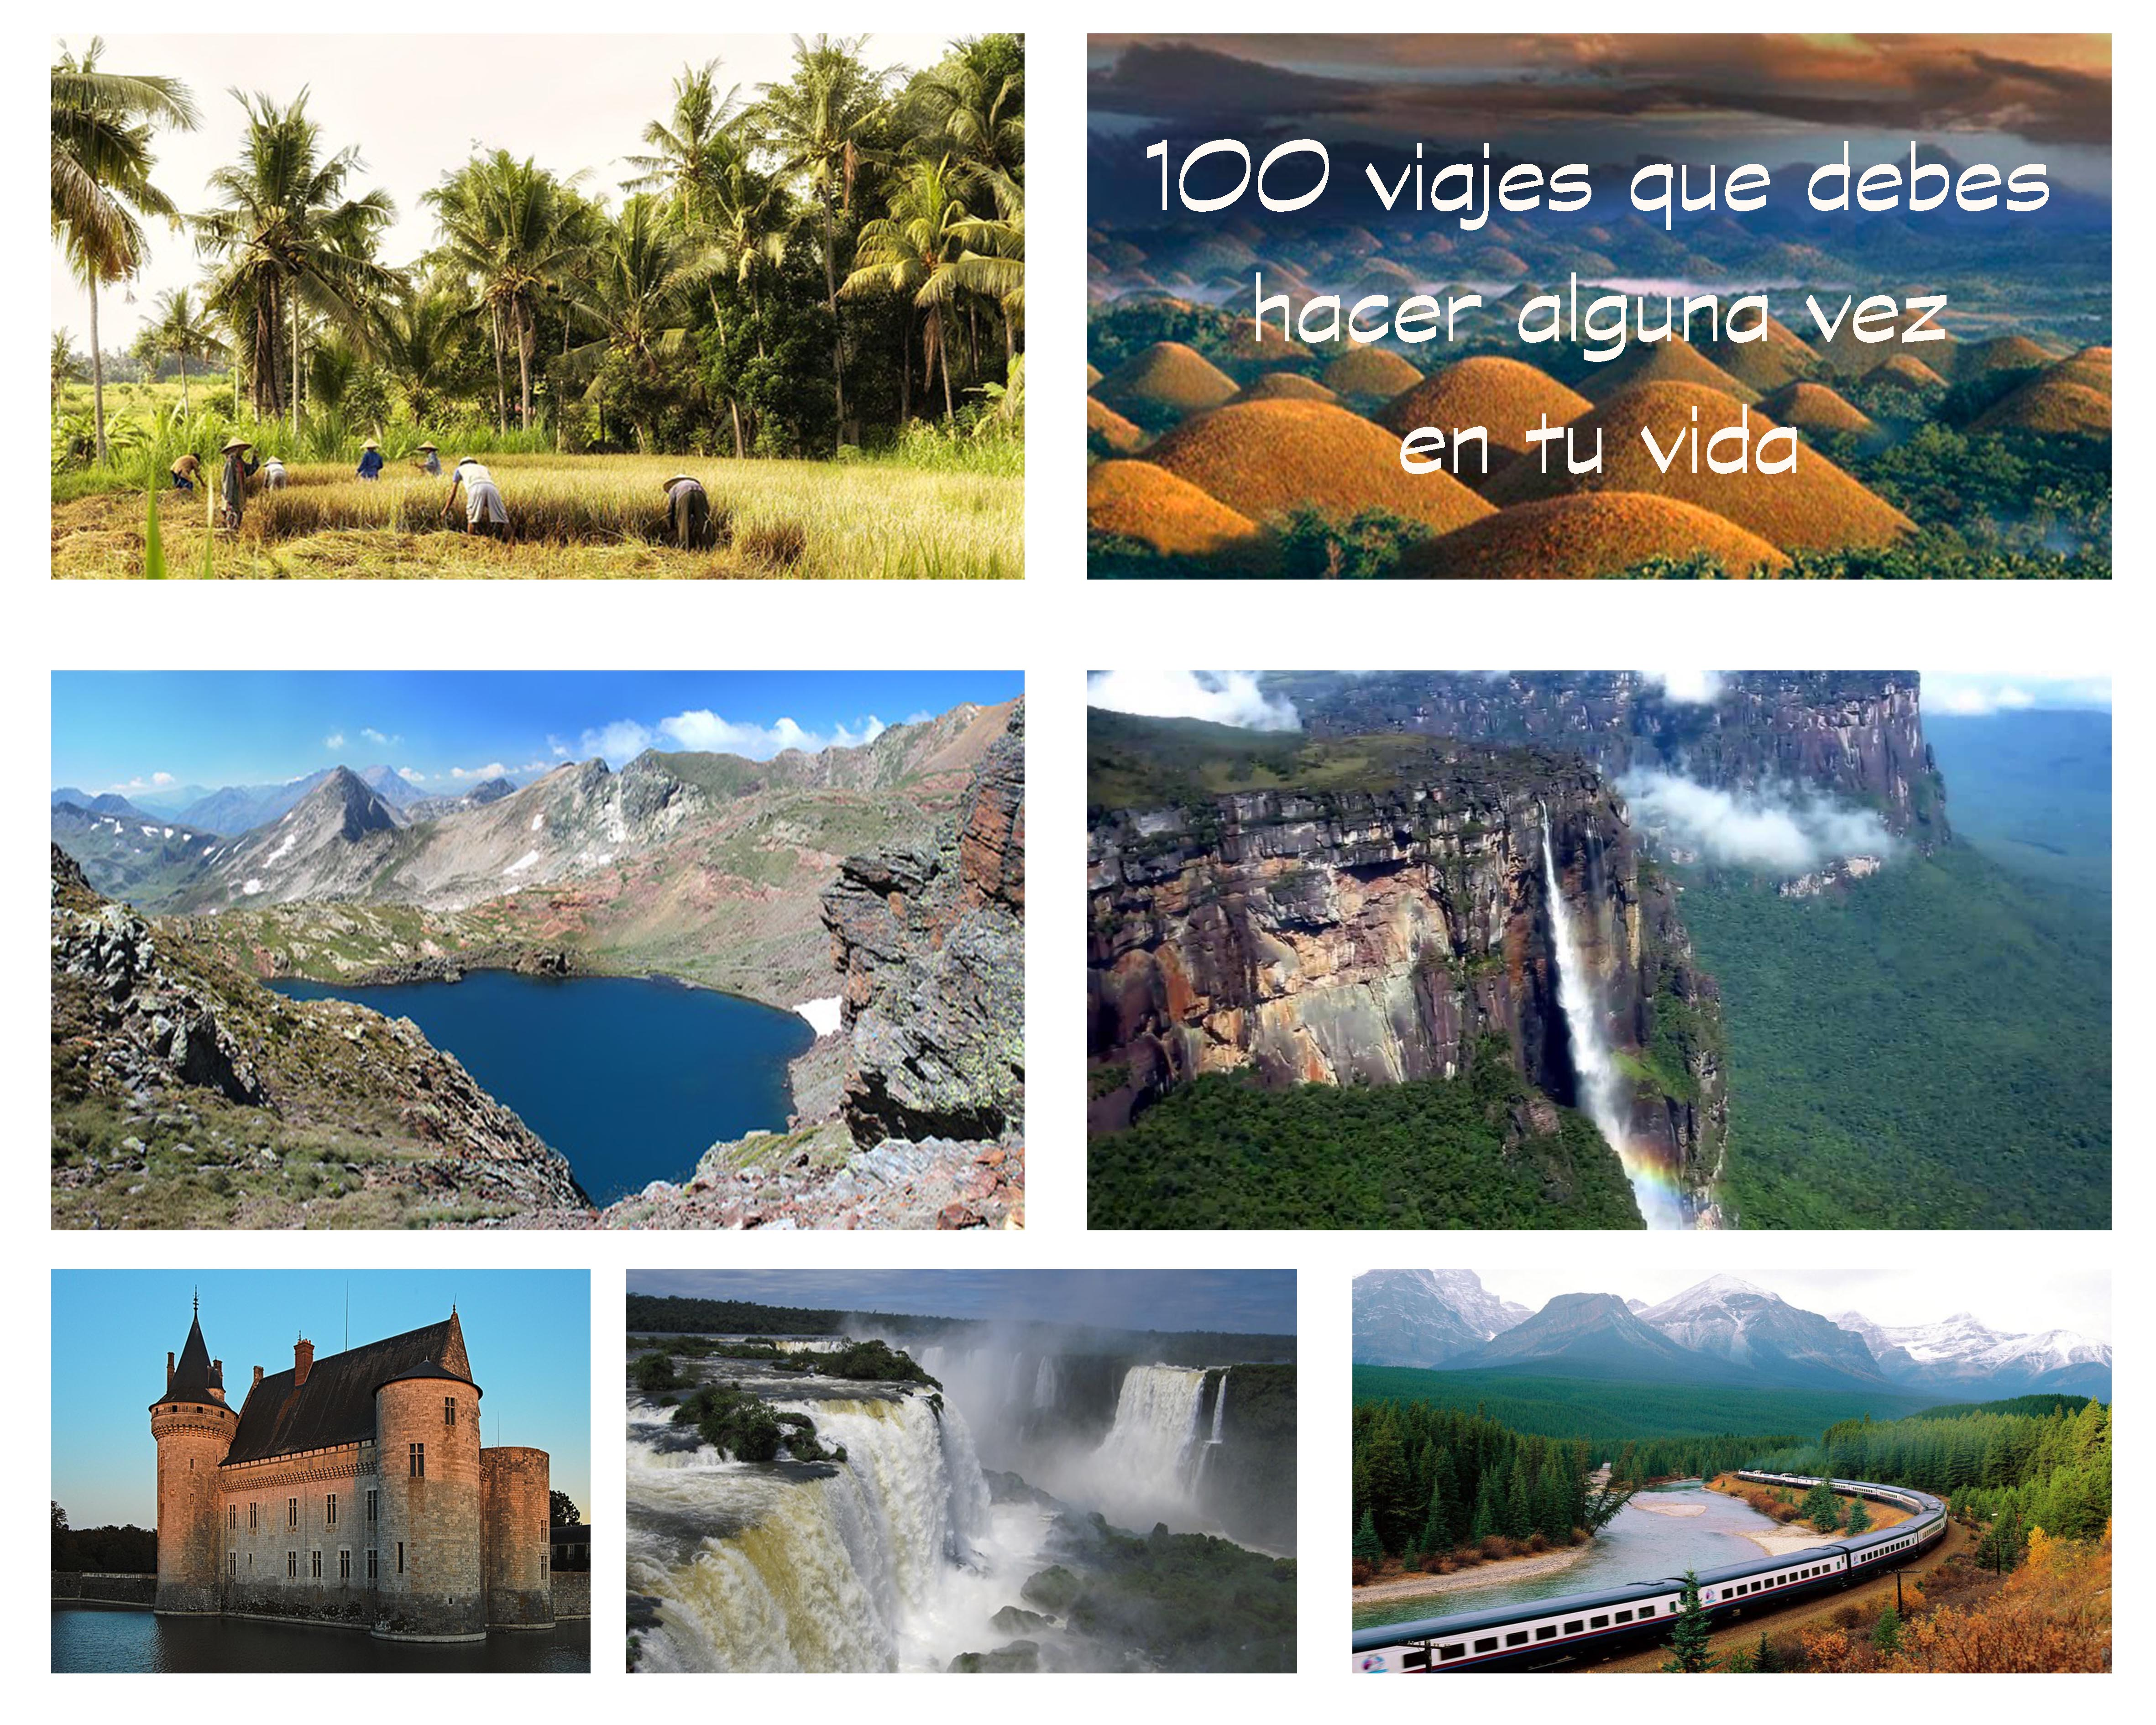 100 viajes que debes hacer alguna vez en tu vida